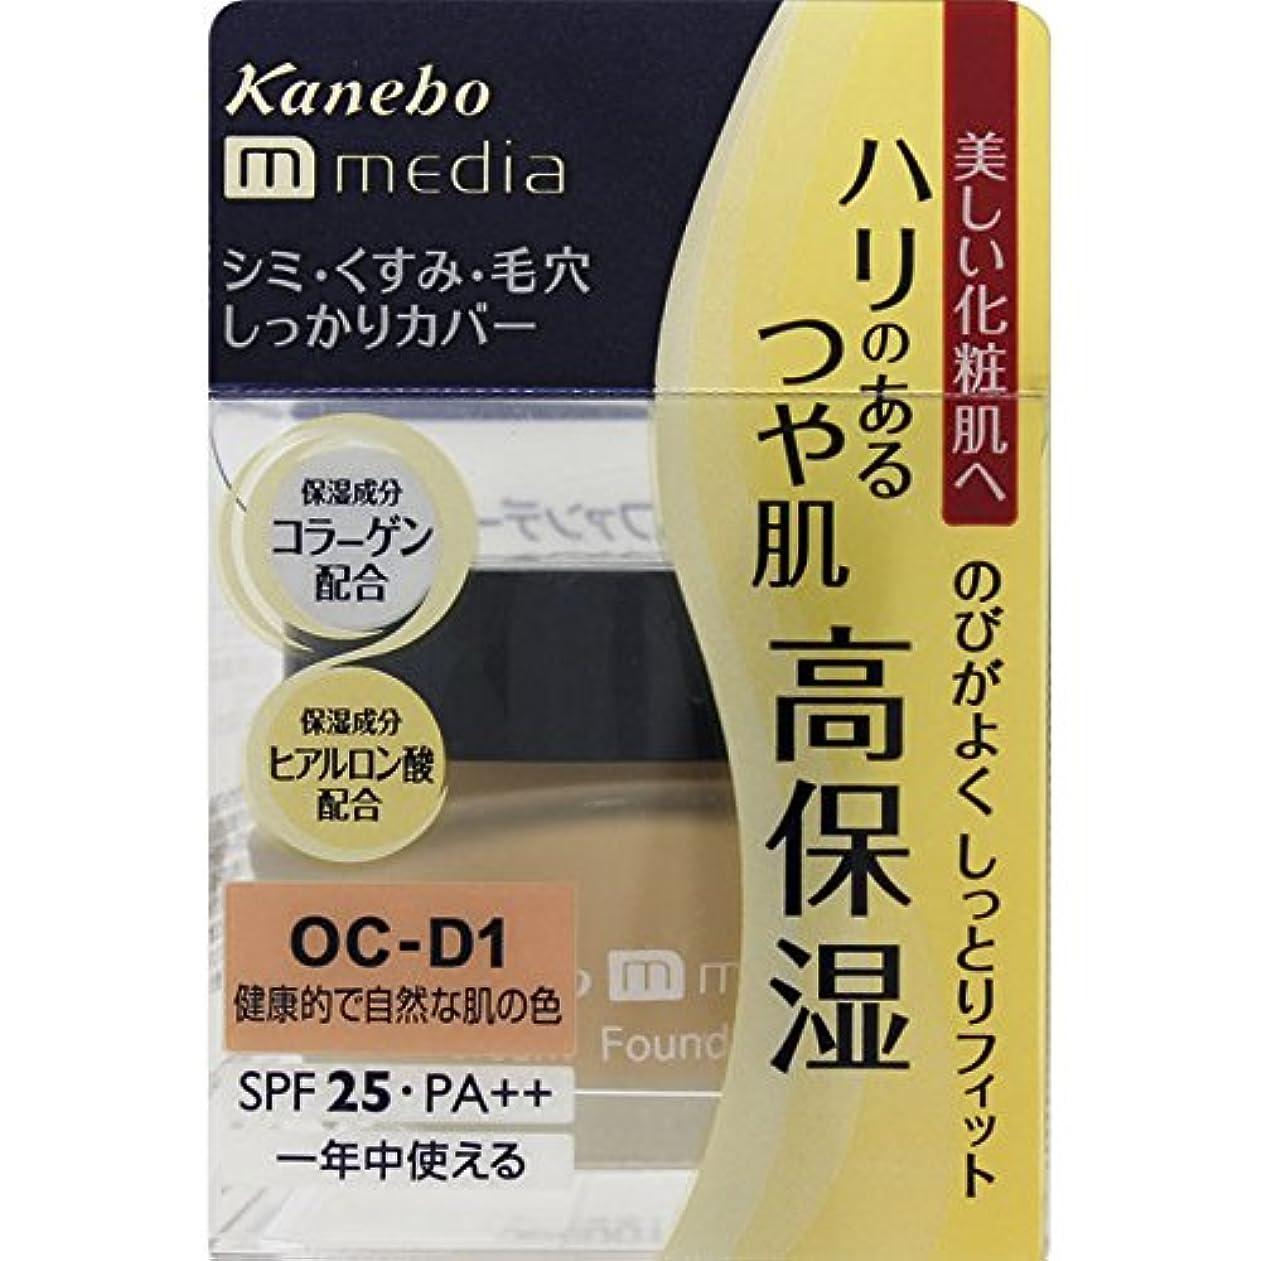 低い学校の先生馬鹿カネボウ化粧品 メディア クリームファンデーション 健康的で自然な肌の色 OC-D1